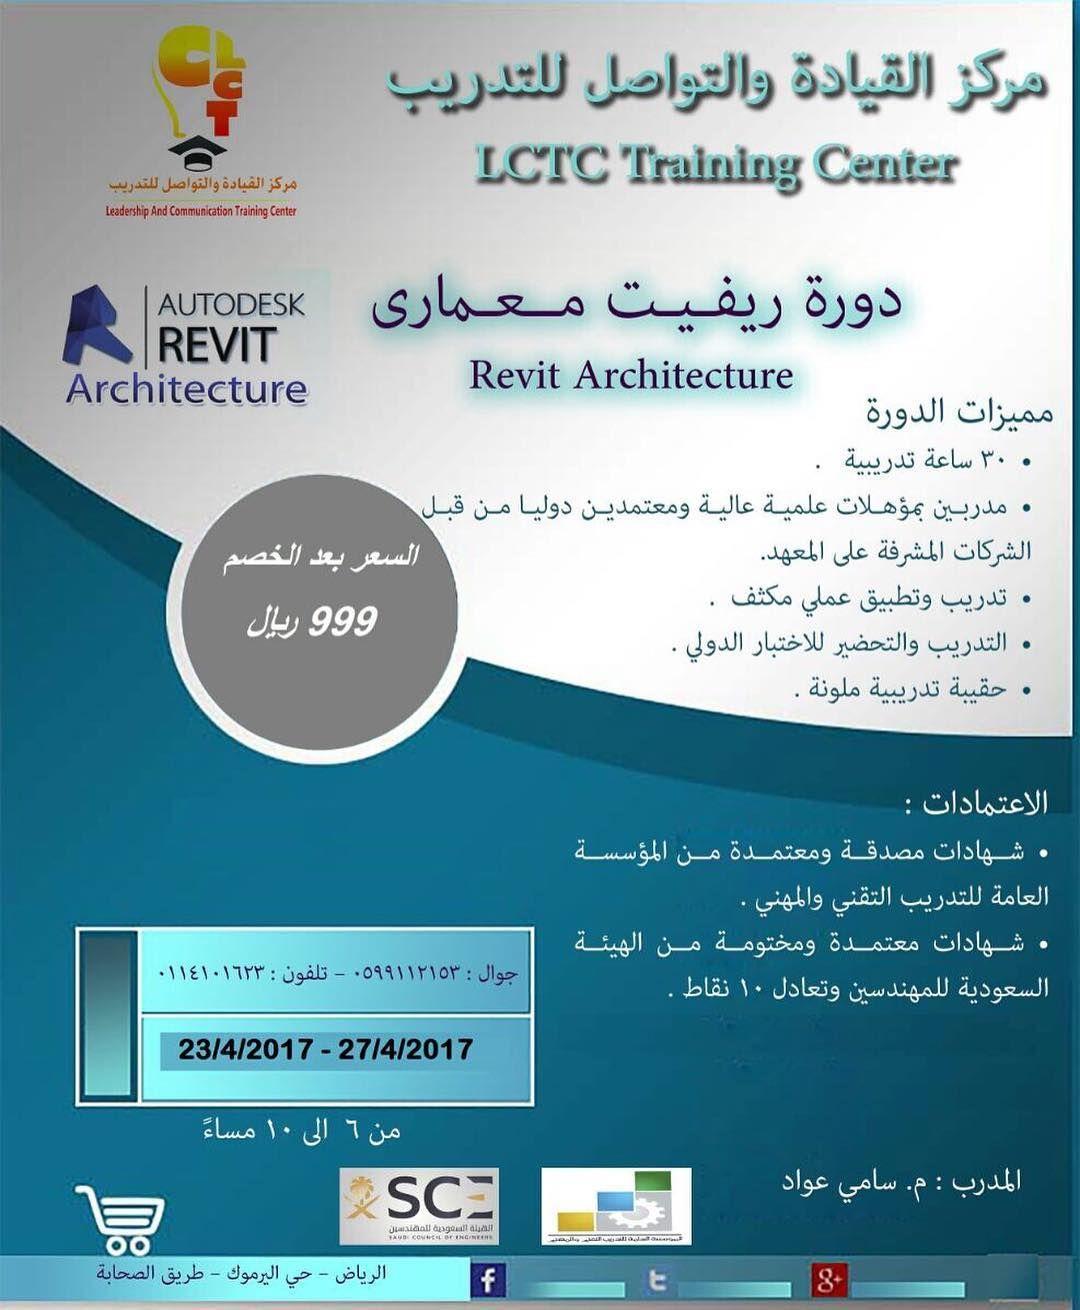 طور مهاراتك في التعامل مع برنامج Revit Architecture تنطلق الدورة في الرياض بعد أيام خصم خاص لمتابعين حسابنا 0599 Instagram Posts Revit Architecture Instagram